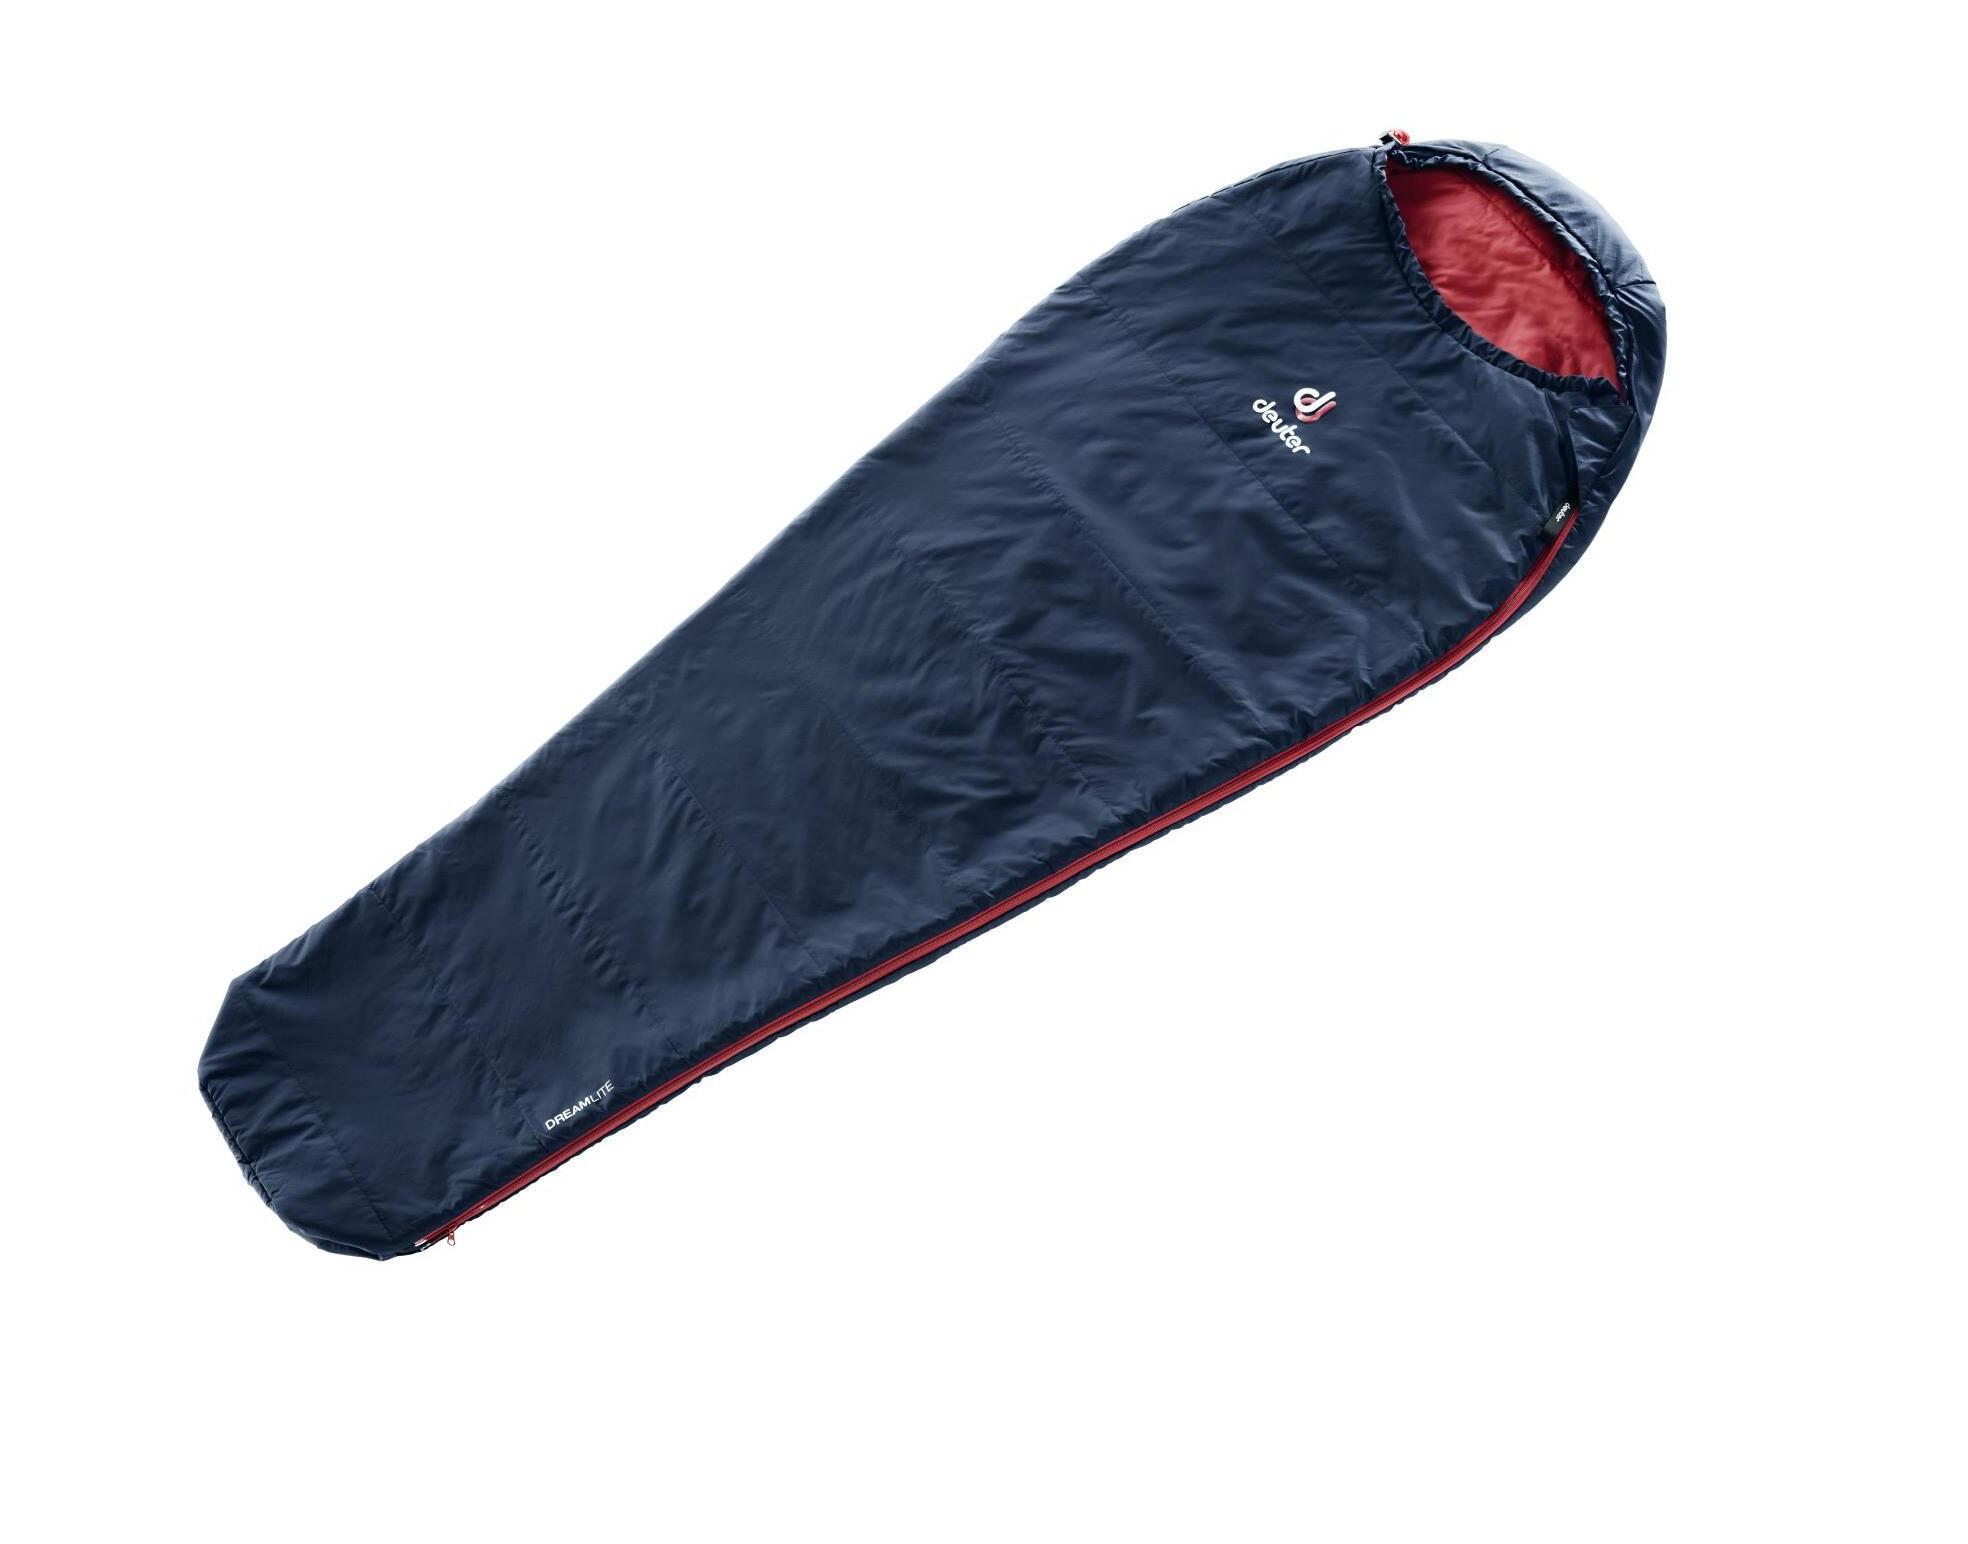 Спальный мешок Deuter Dreamlite L navy/cranberry, левый